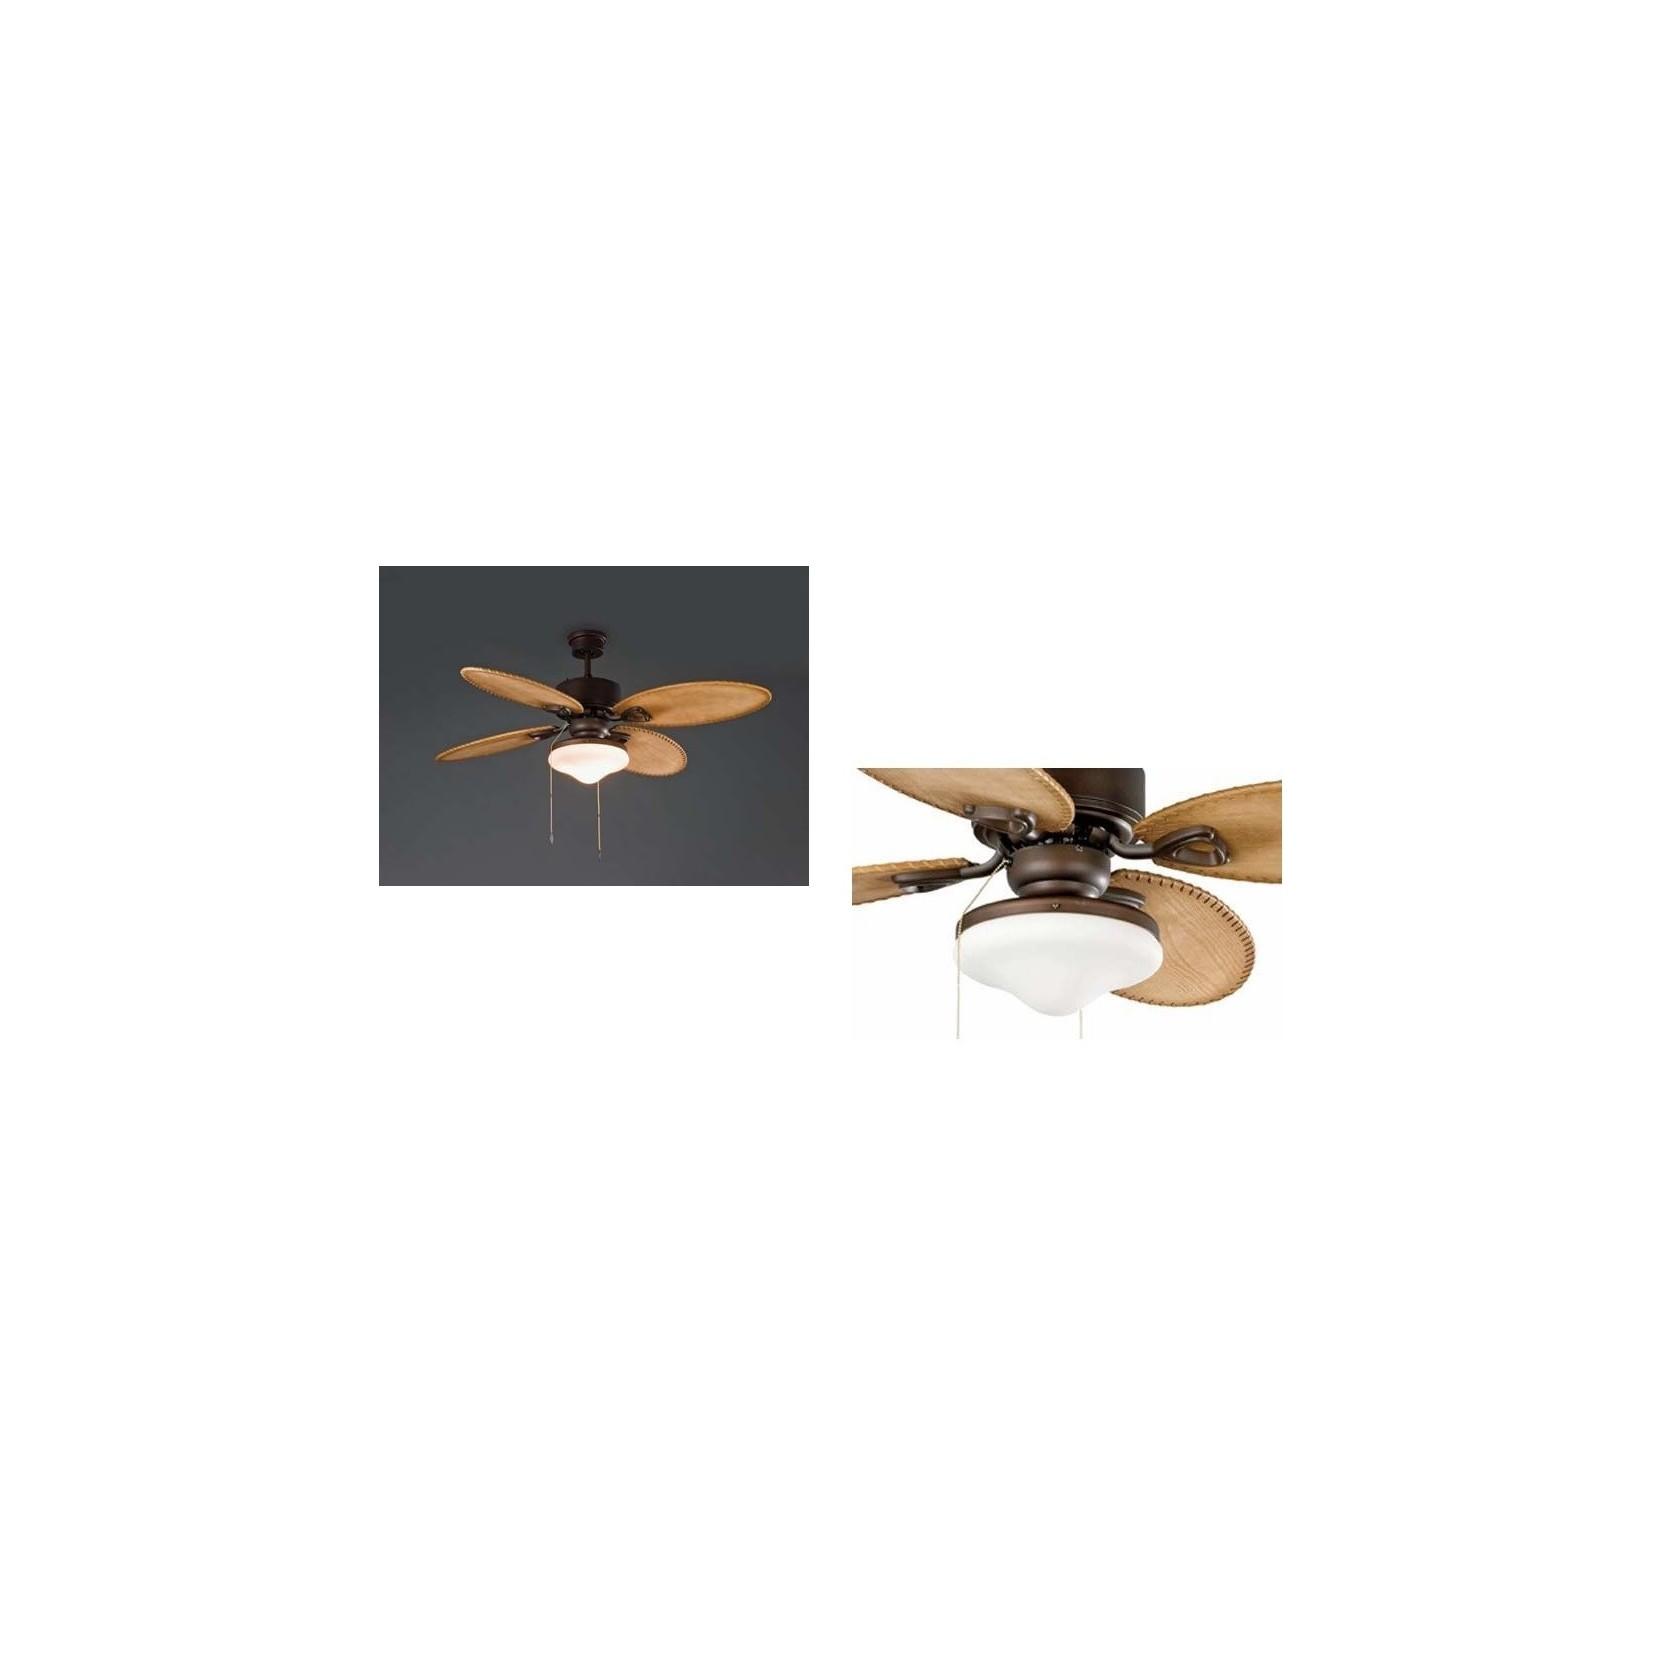 Ventilatore soffitto faro lombok 33019 - Ventilatore da soffitto design ...